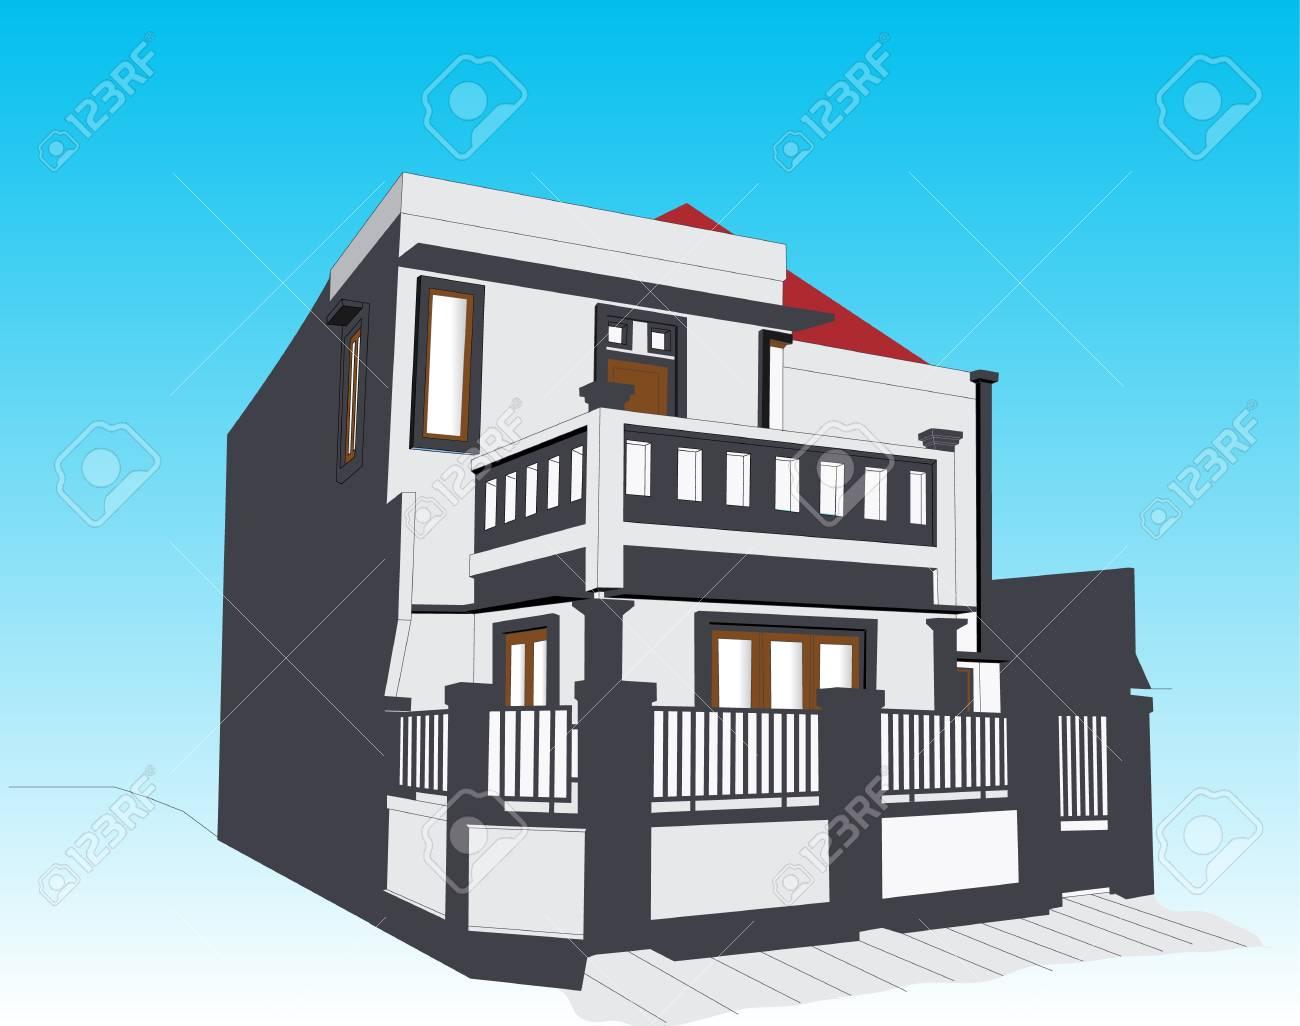 Minimaliste Exterieur D Une Maison Pour Propertys Etc Clip Art